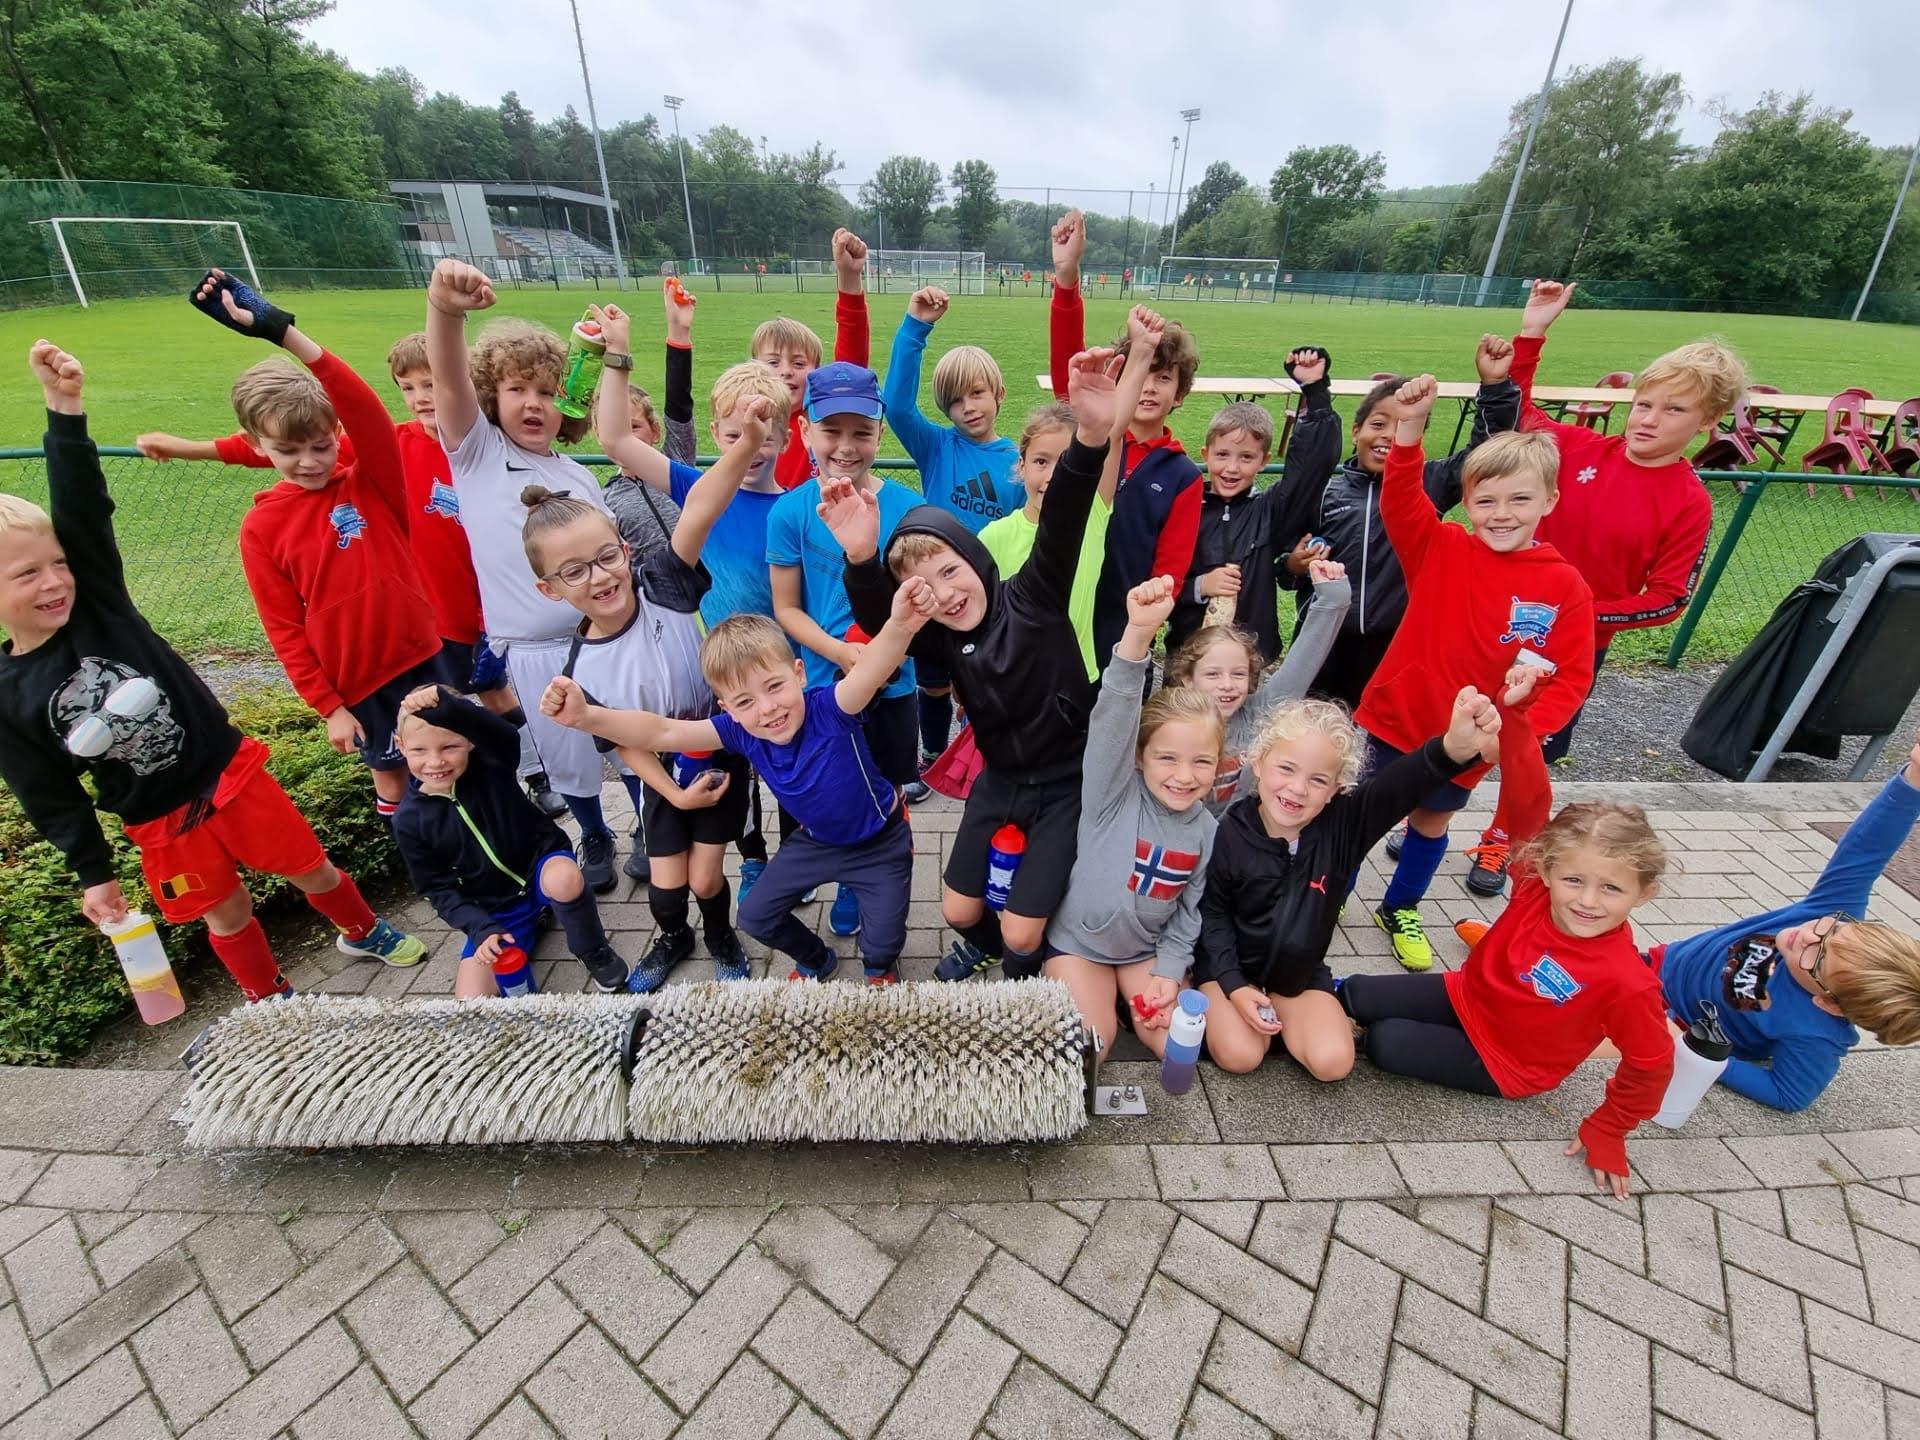 Hockeykamp 2021: Olympische Spelen